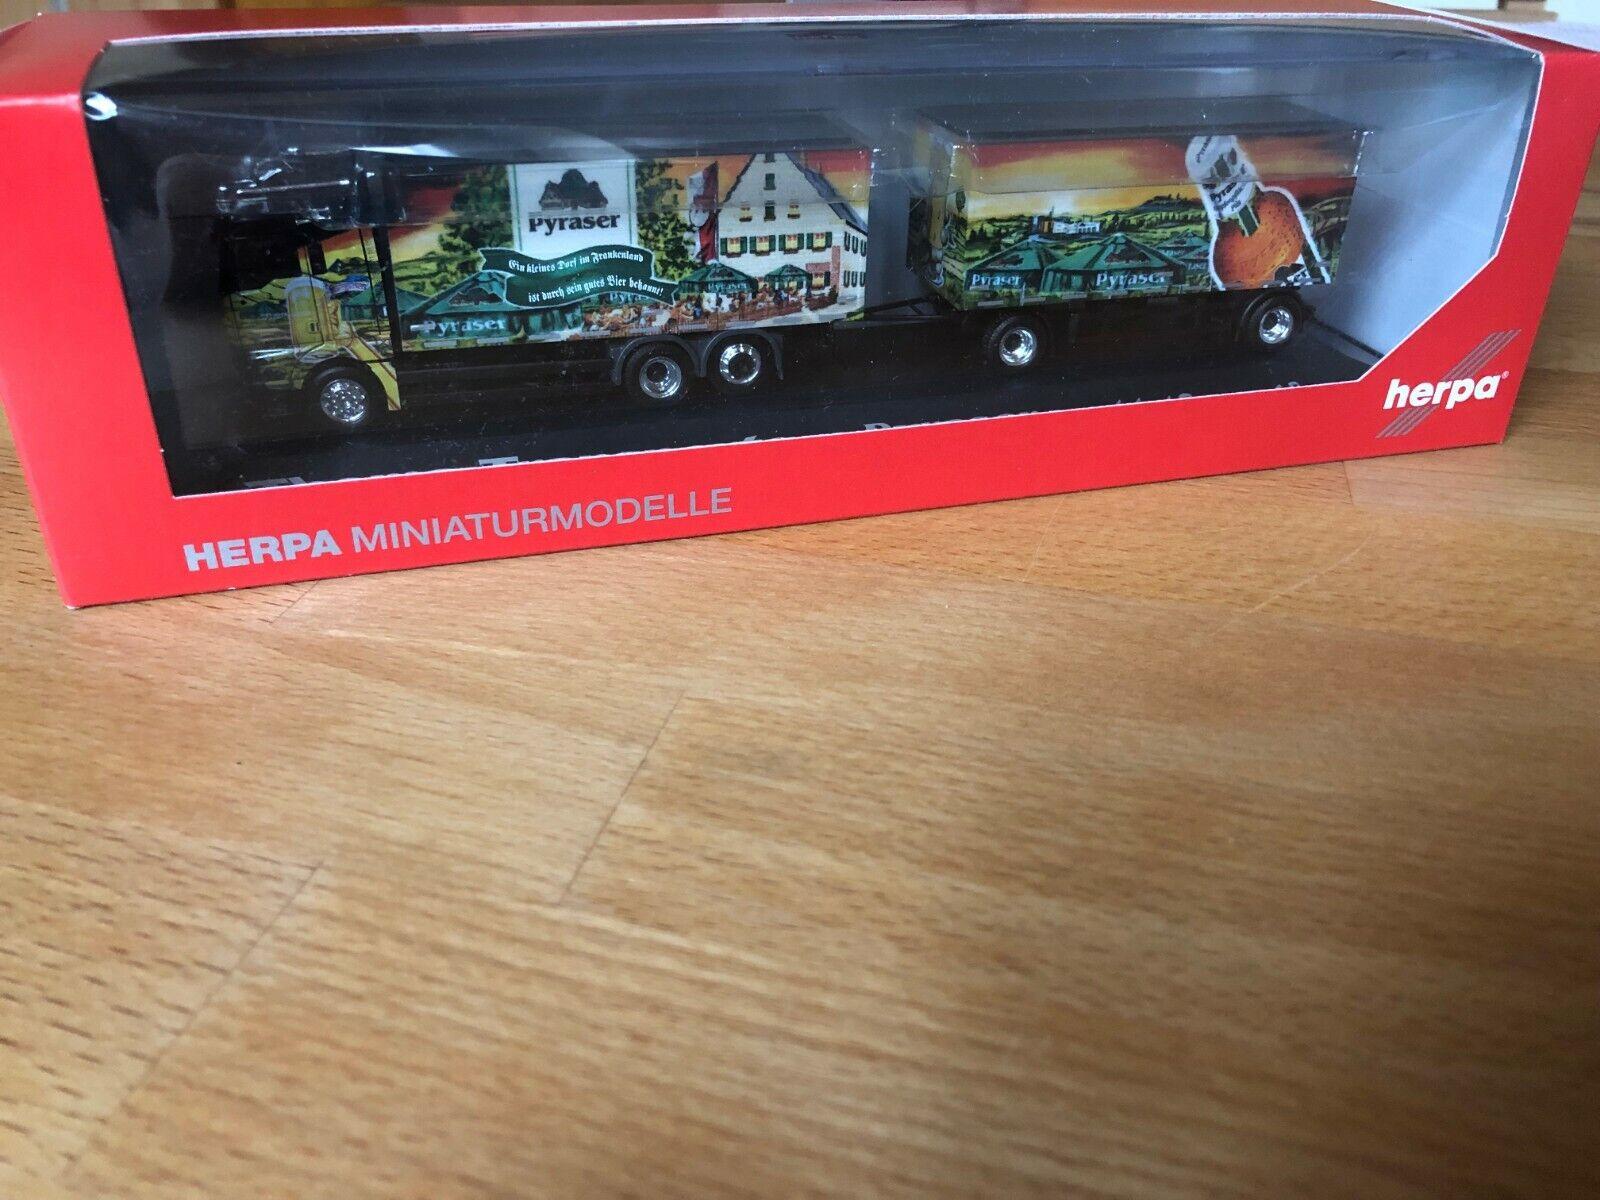 HERPA, on TGX XLX Boissons Valise-Hängerzug  PYRASER brasserie Thoma Transports